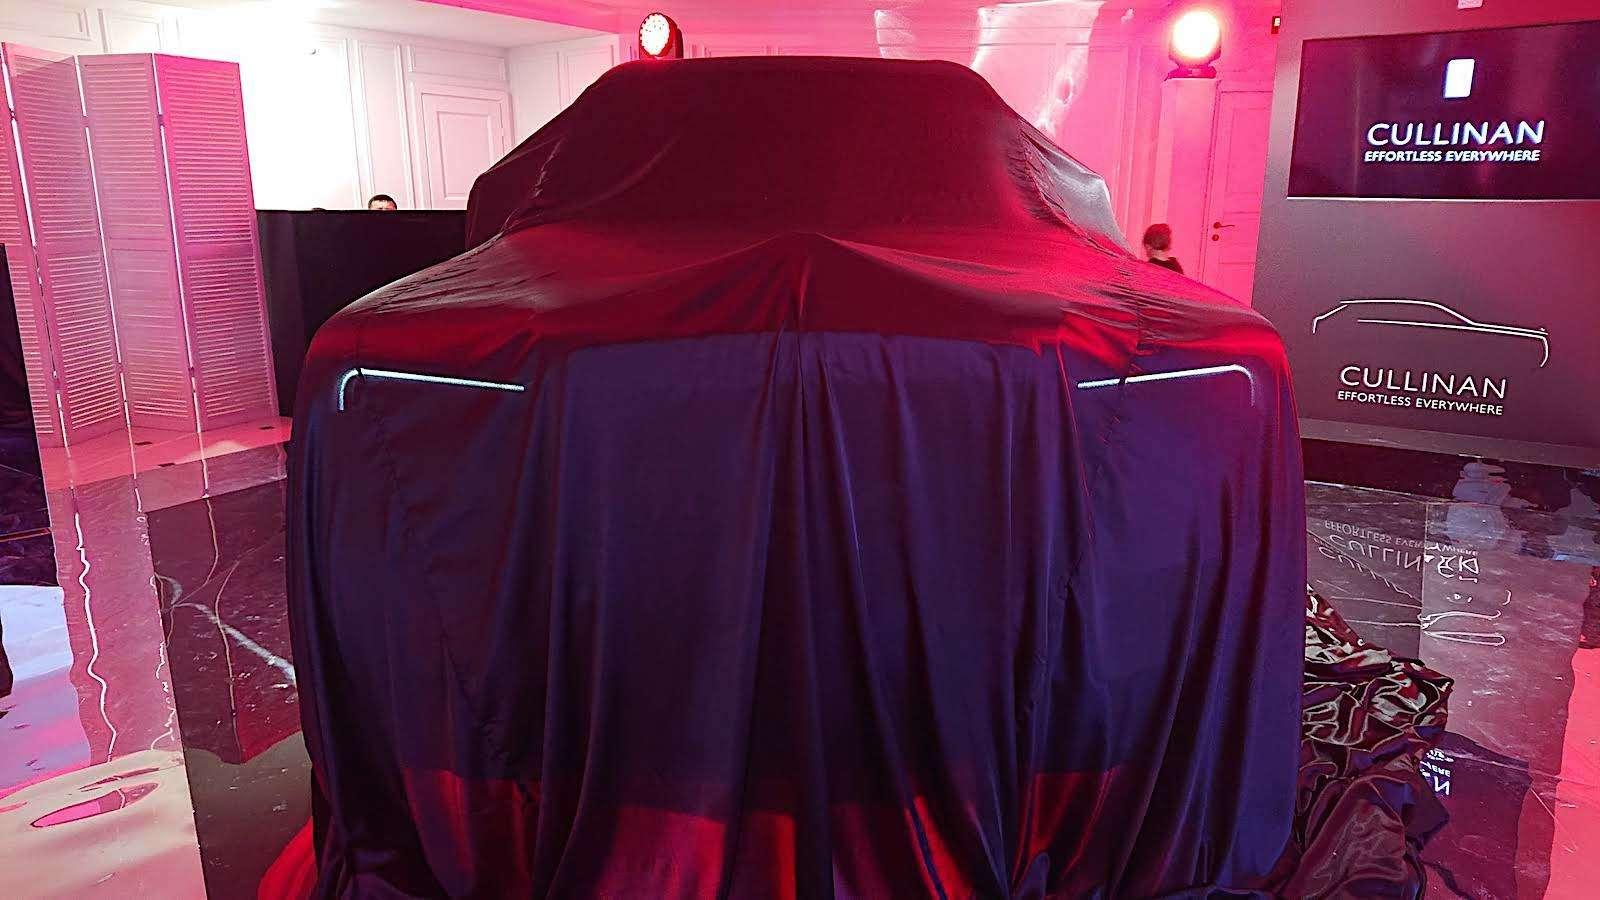 Ктодороже? Rolls-Royce привез вРоссию кроссовер за25миллионов— фото 874772